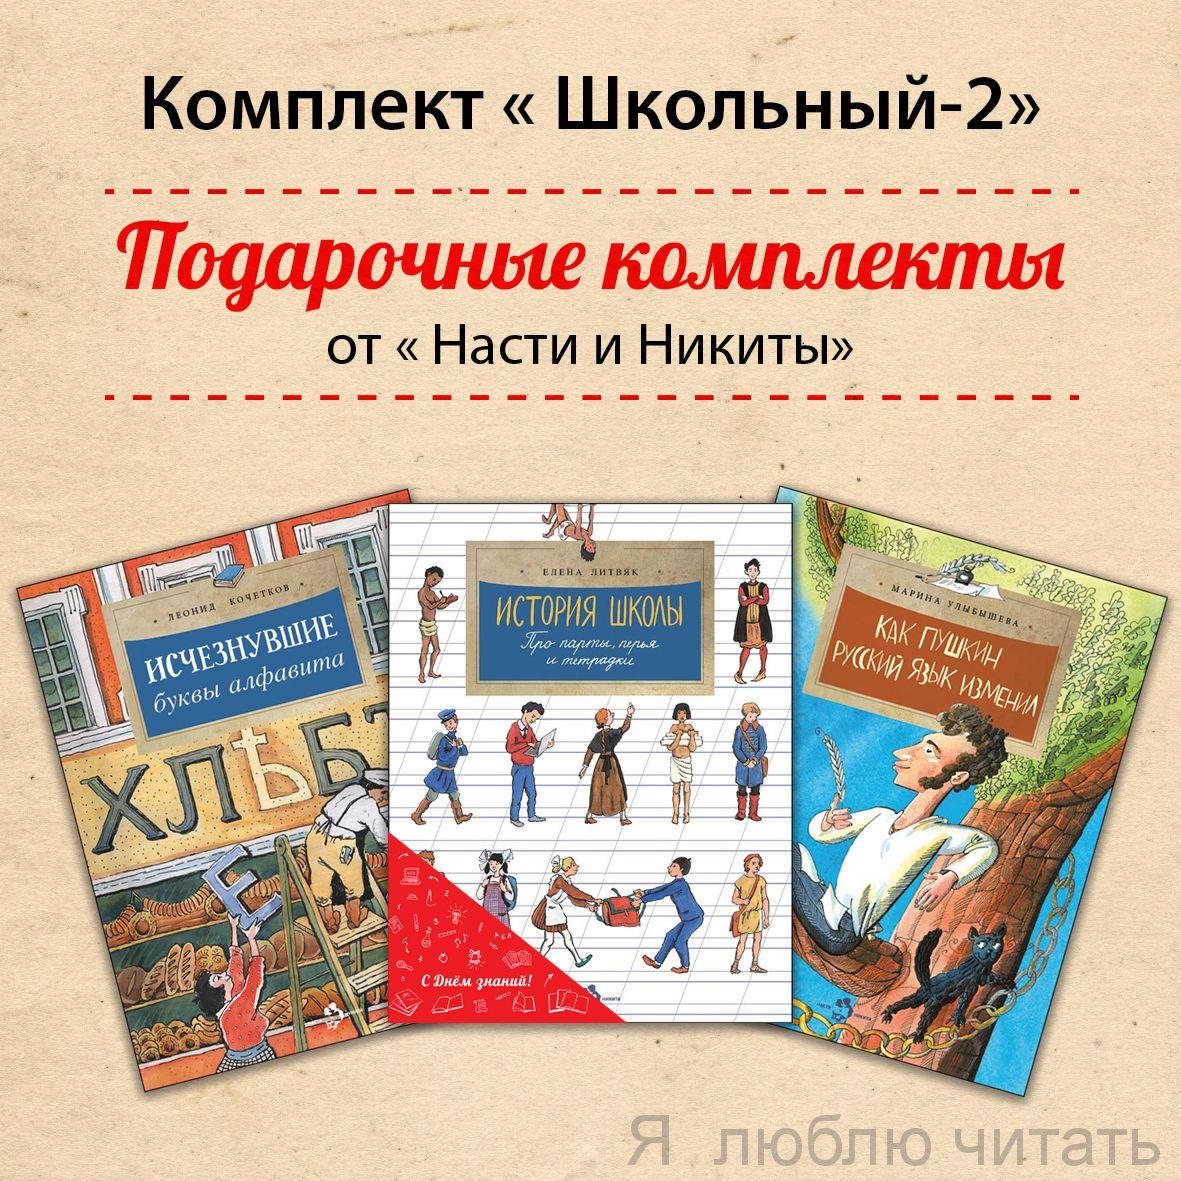 Книжный комплект «Школьный 2»